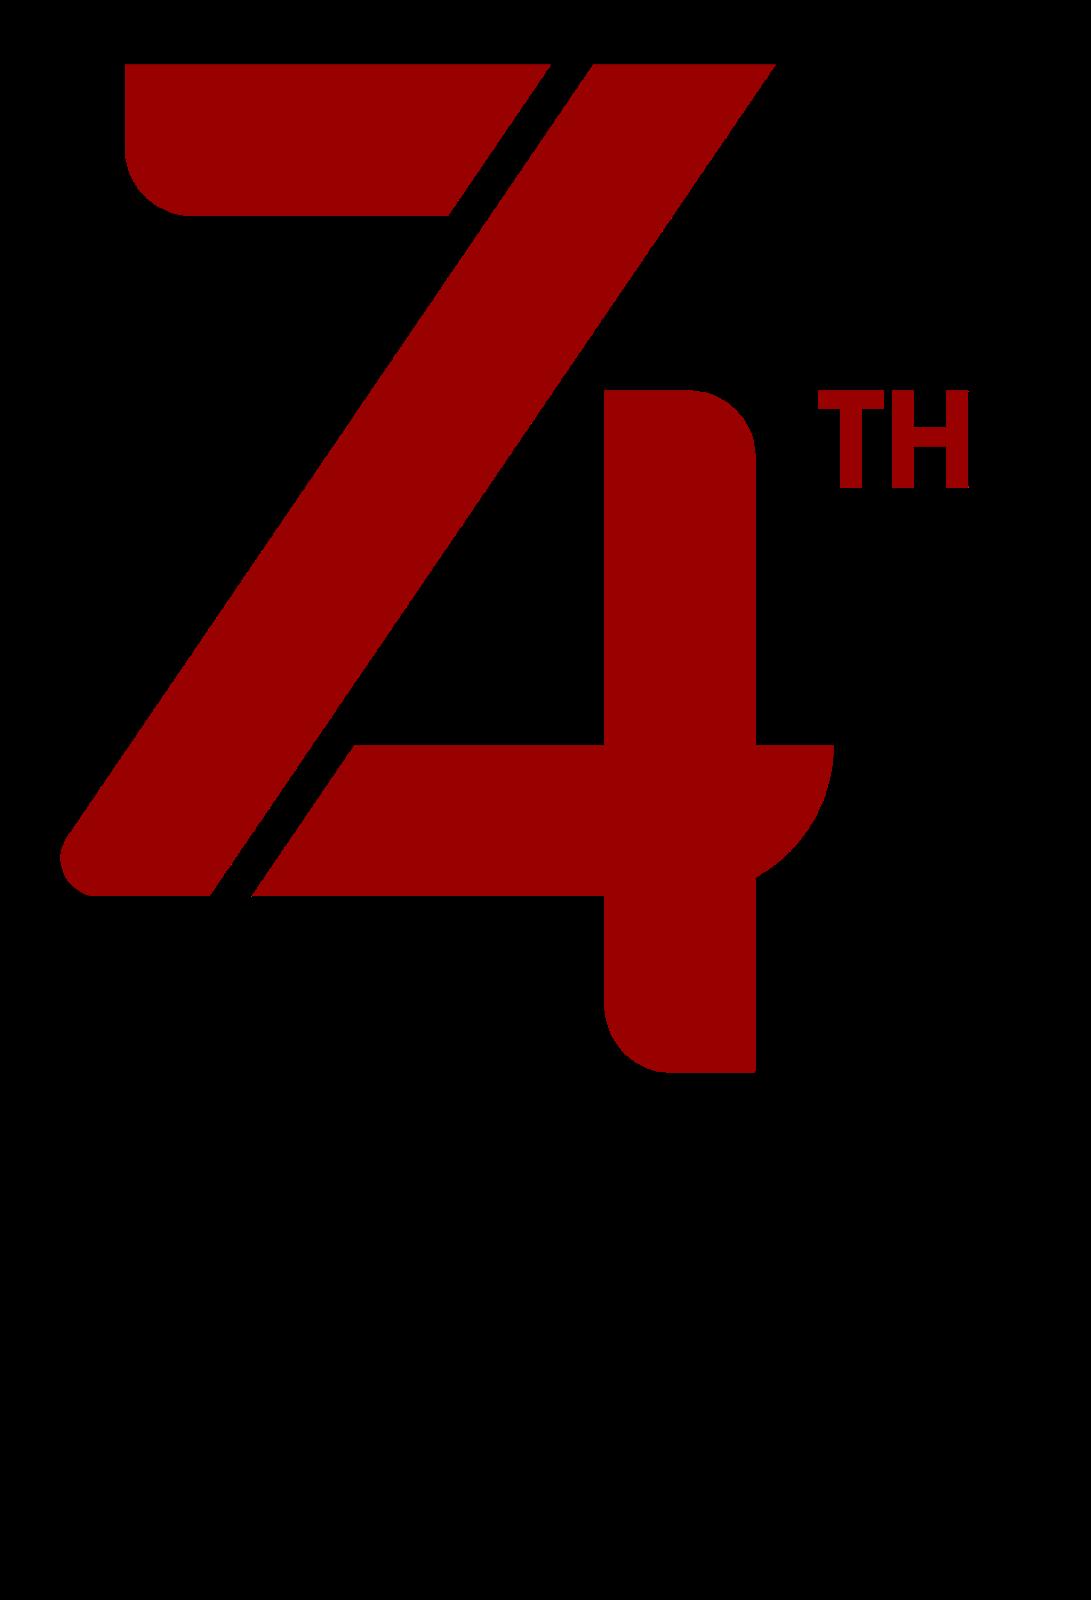 logo hut ri ke 74 png resmi hari kemerdekaan Indonesia 17 agustus 2019